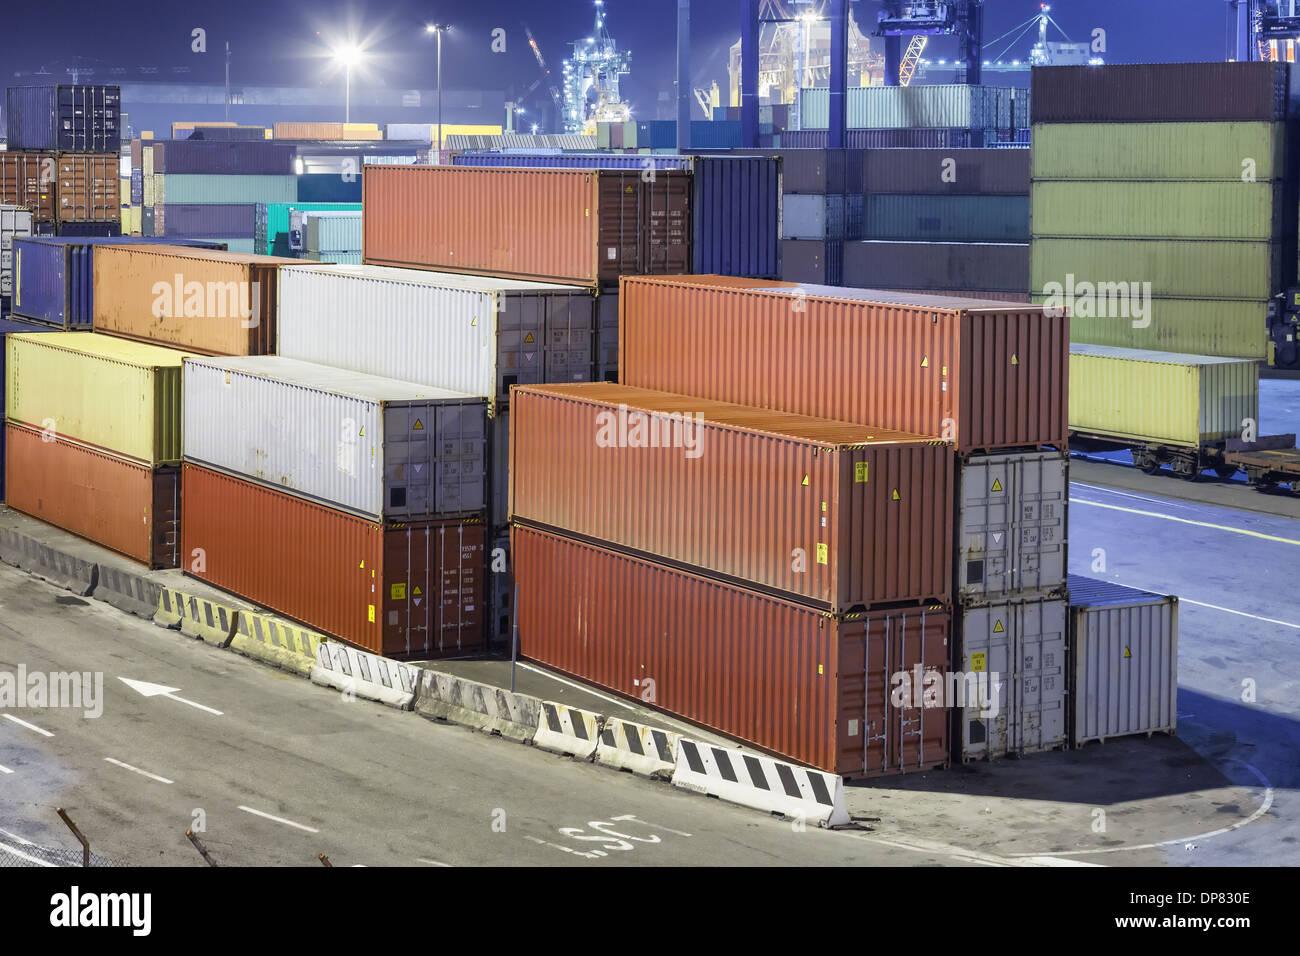 Container-Betrieb im Hafen bei Nacht Stockbild